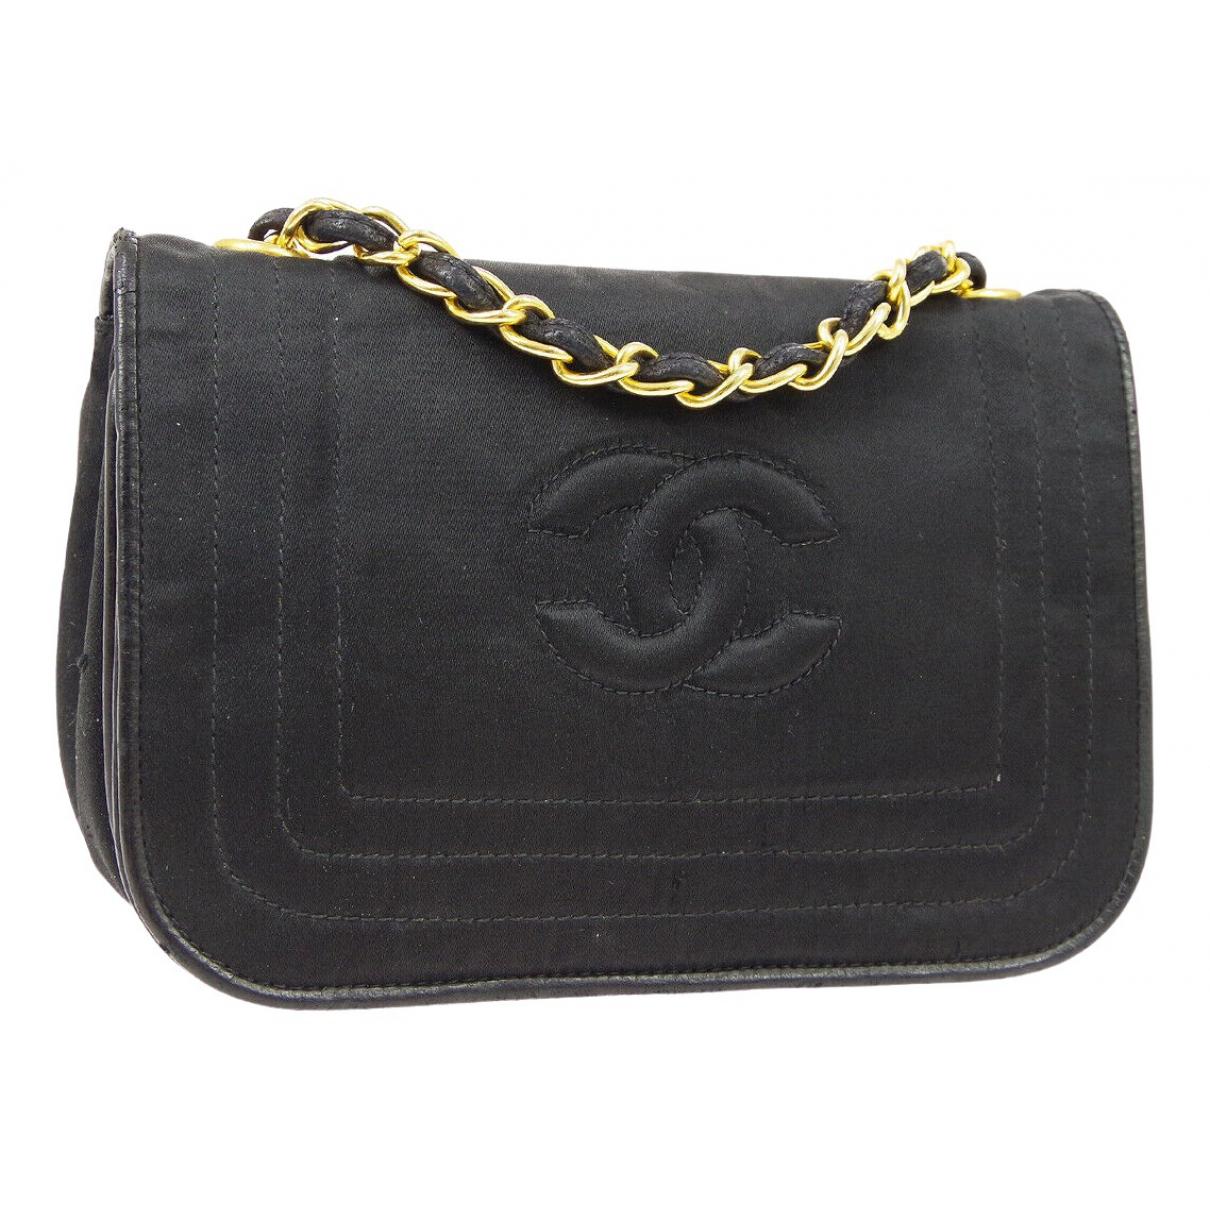 Chanel \N Handtasche in  Schwarz Leinen